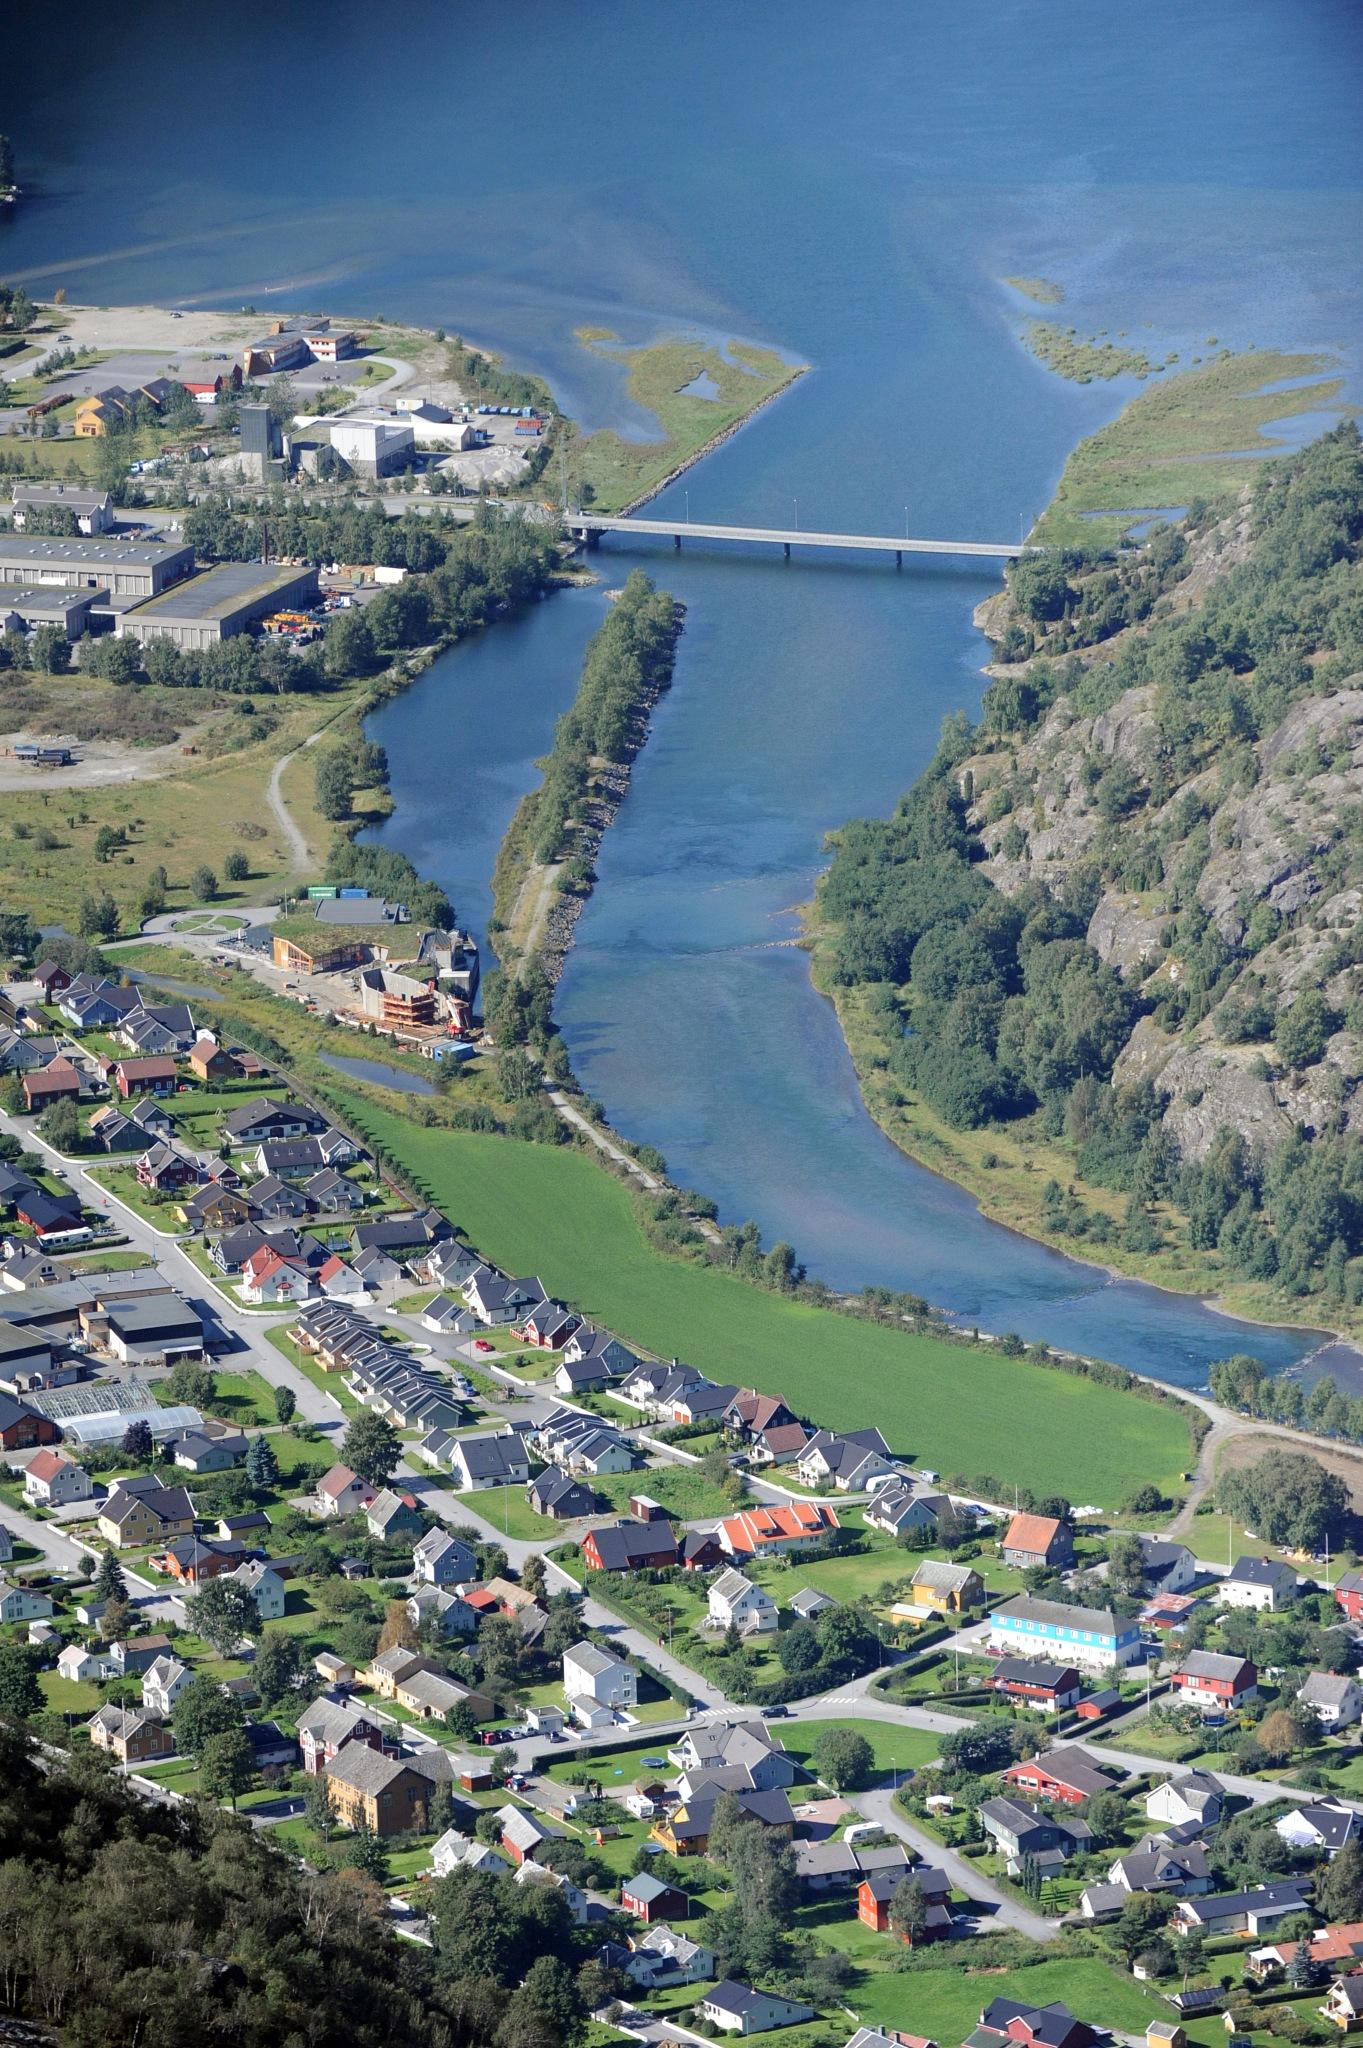 Lærdal, Norway by Lasse Tur